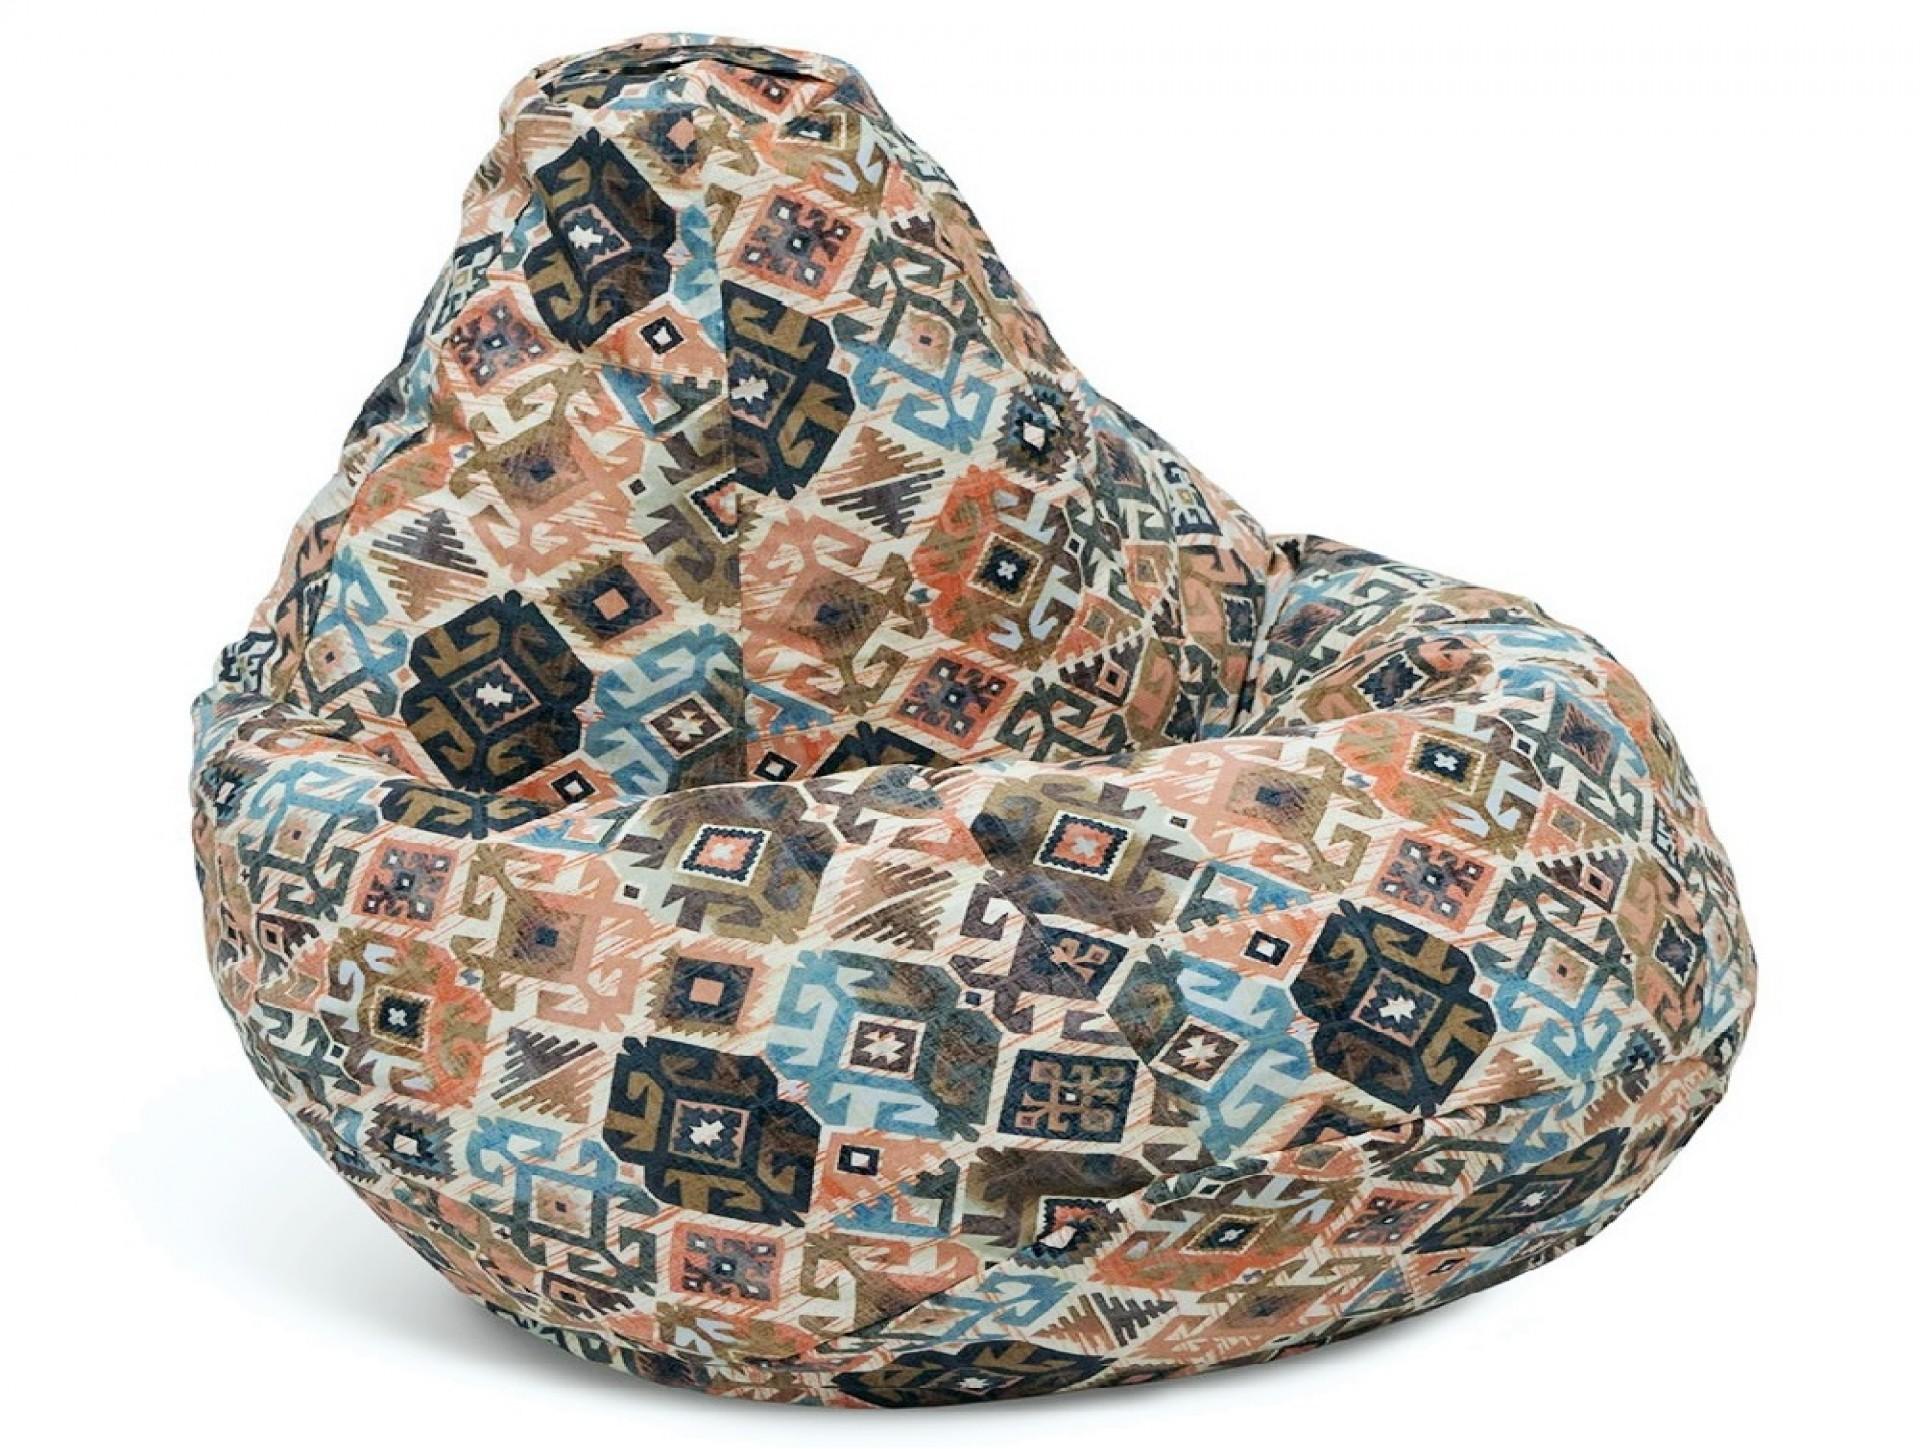 Кресло-мешок Ясмин приобрести в Томске